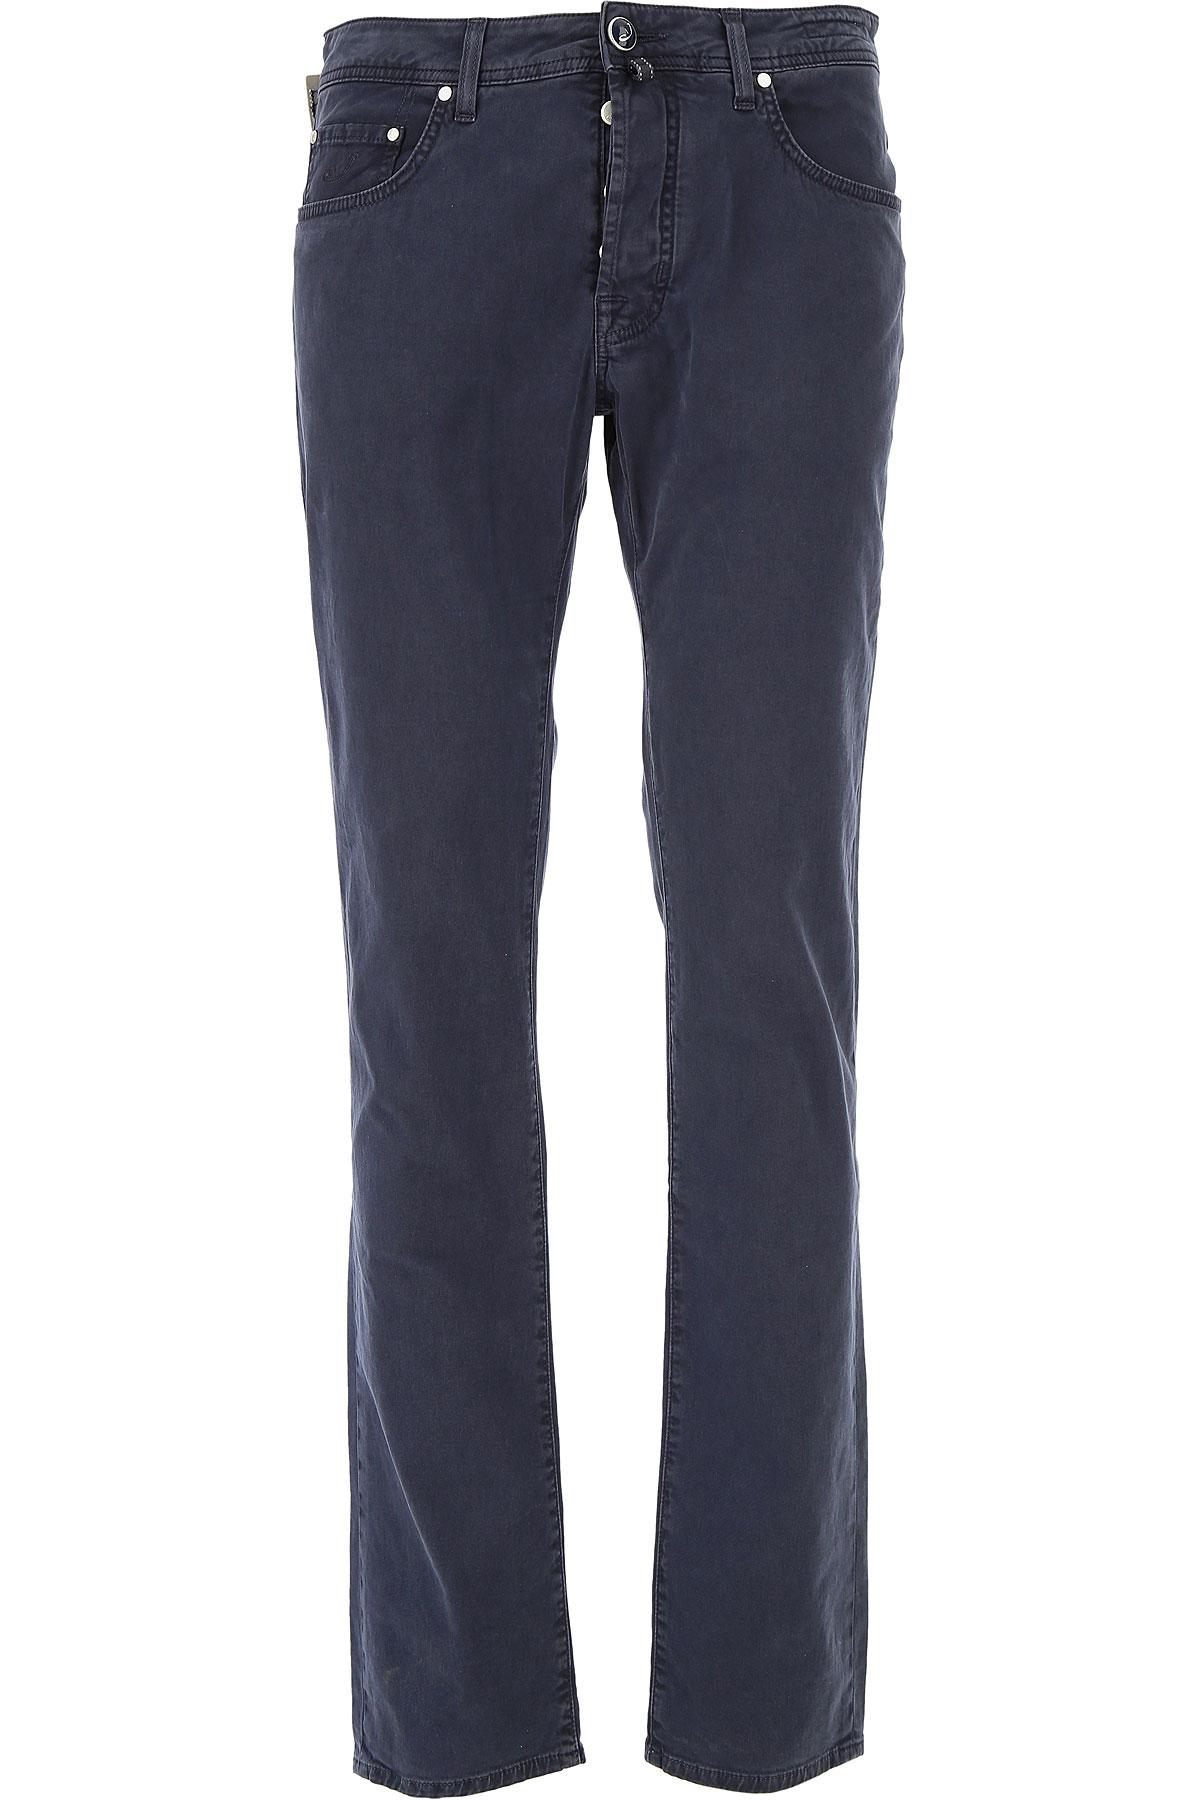 Image of Jacob Cohen Jeans, Blue, Cotton, 2017, US 30 - EU 46 US 31 - EU 47 US 32 - EU 48 US 33 - EU 49 US 34 - EU 50 US 35 - EU 51 US 36 - EU 52 US 38 - EU 54